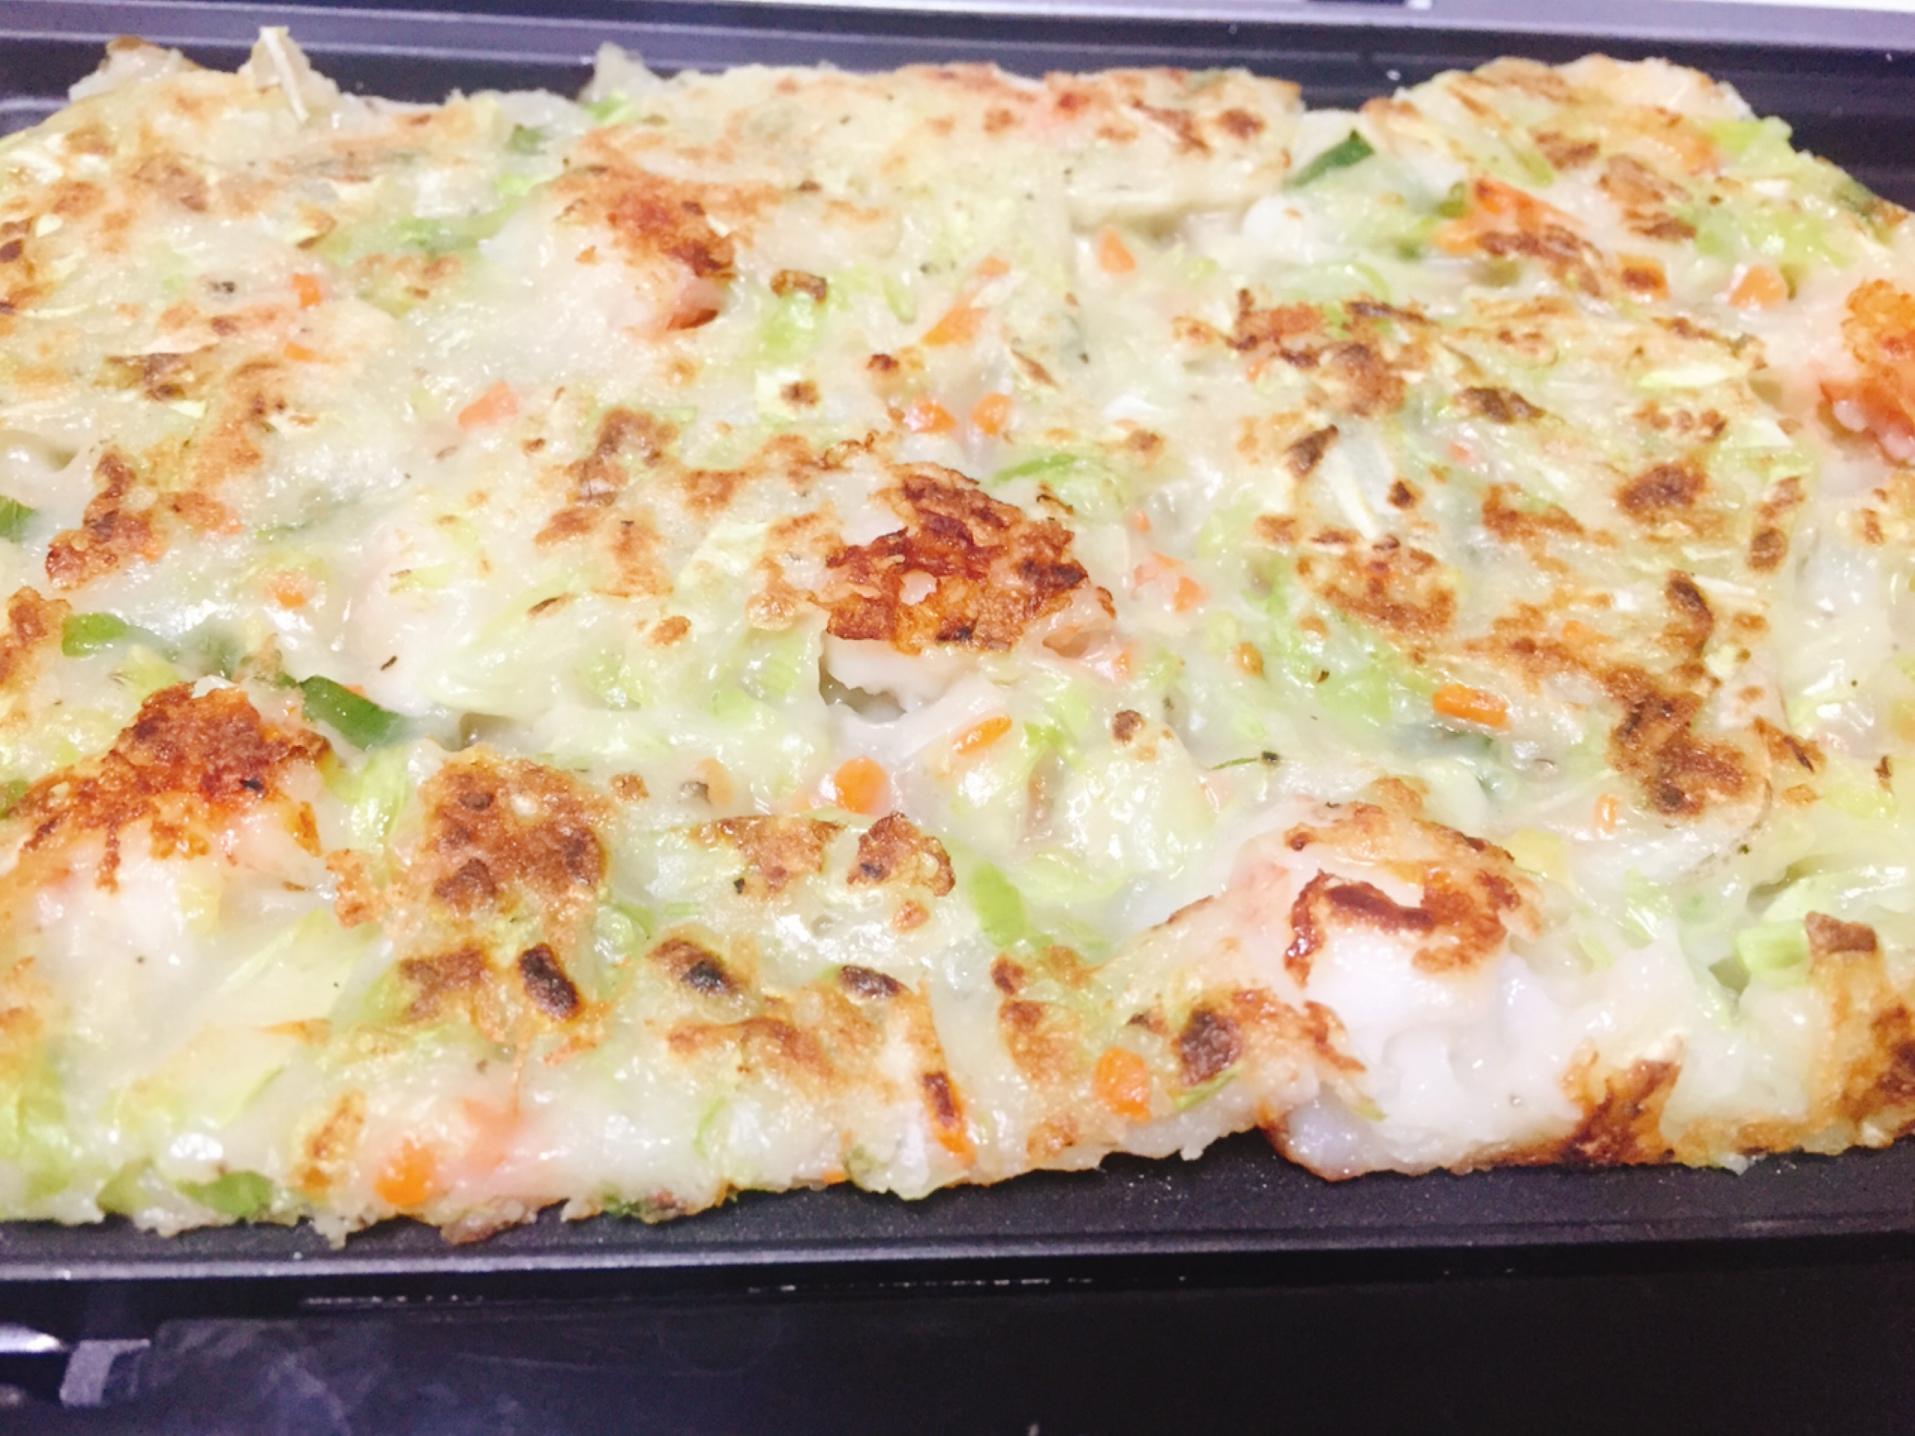 韓式蔬菜海鮮煎餅倒入獅子心鬆餅機一次加熱